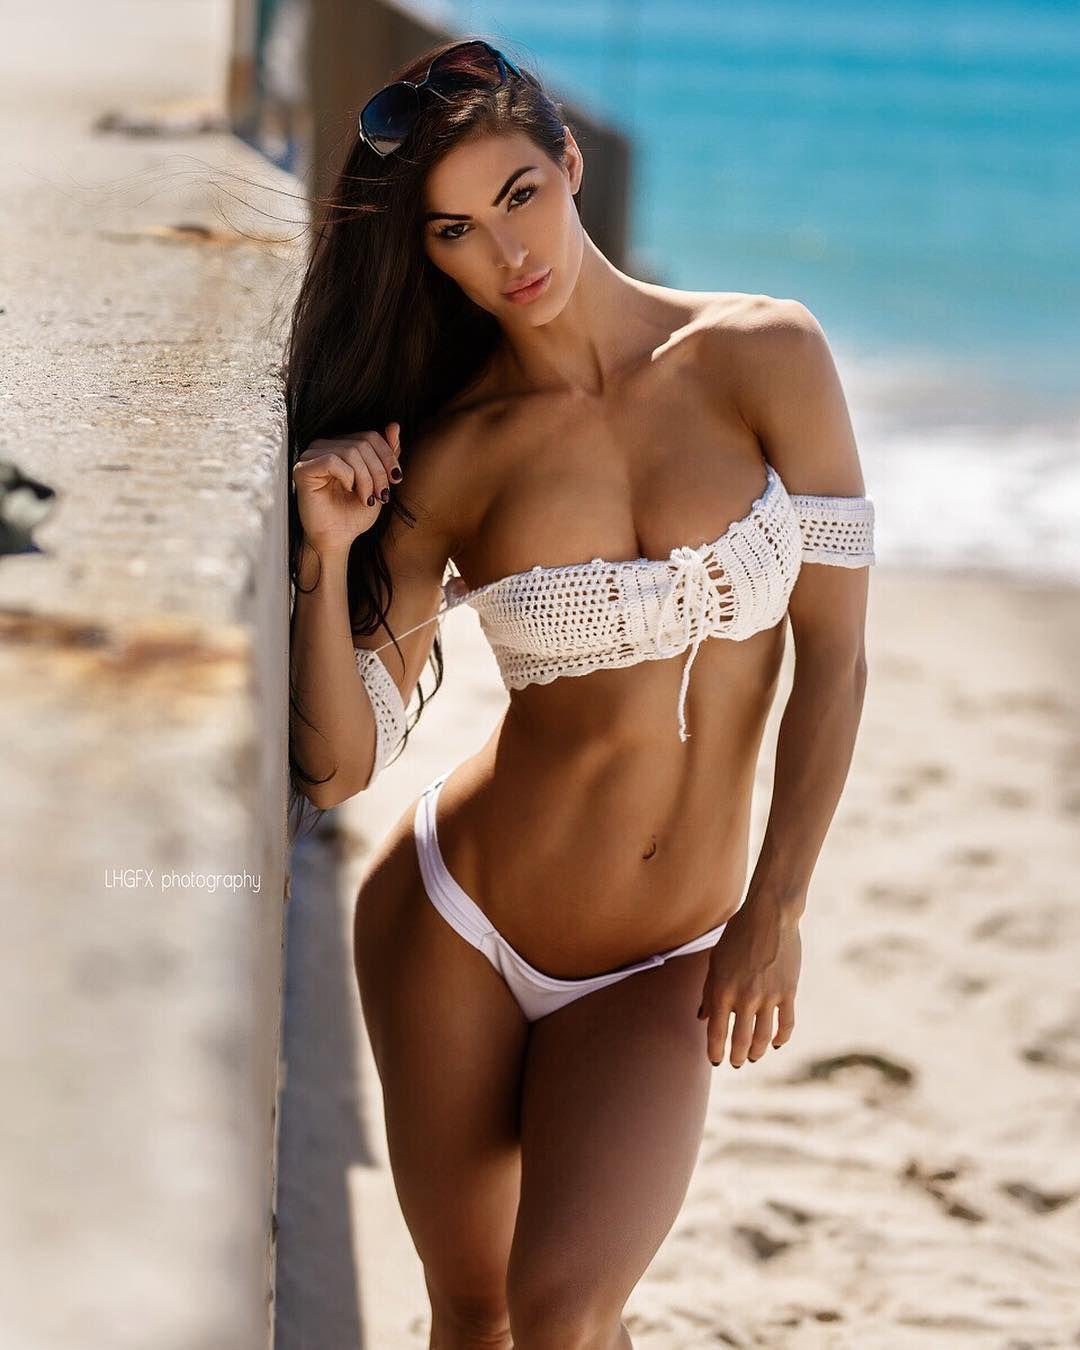 Model Hooker Las Heras